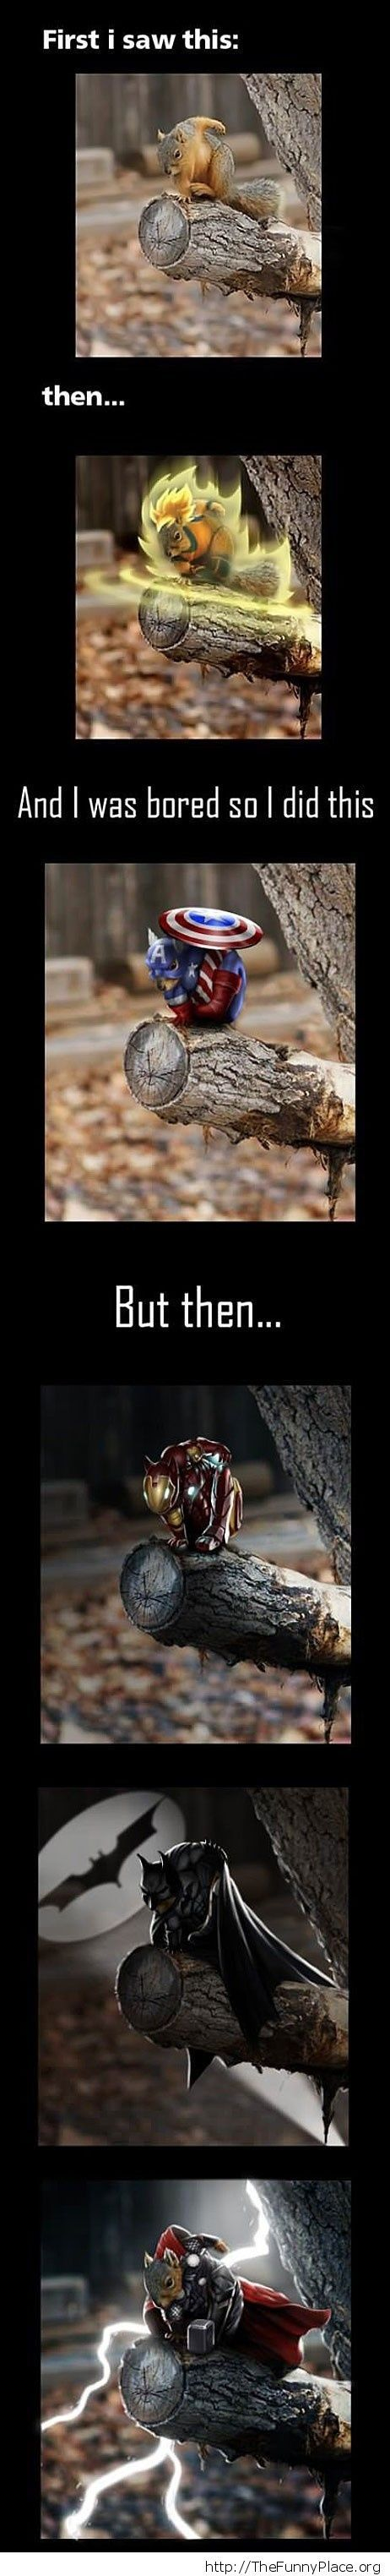 Hero squirrel